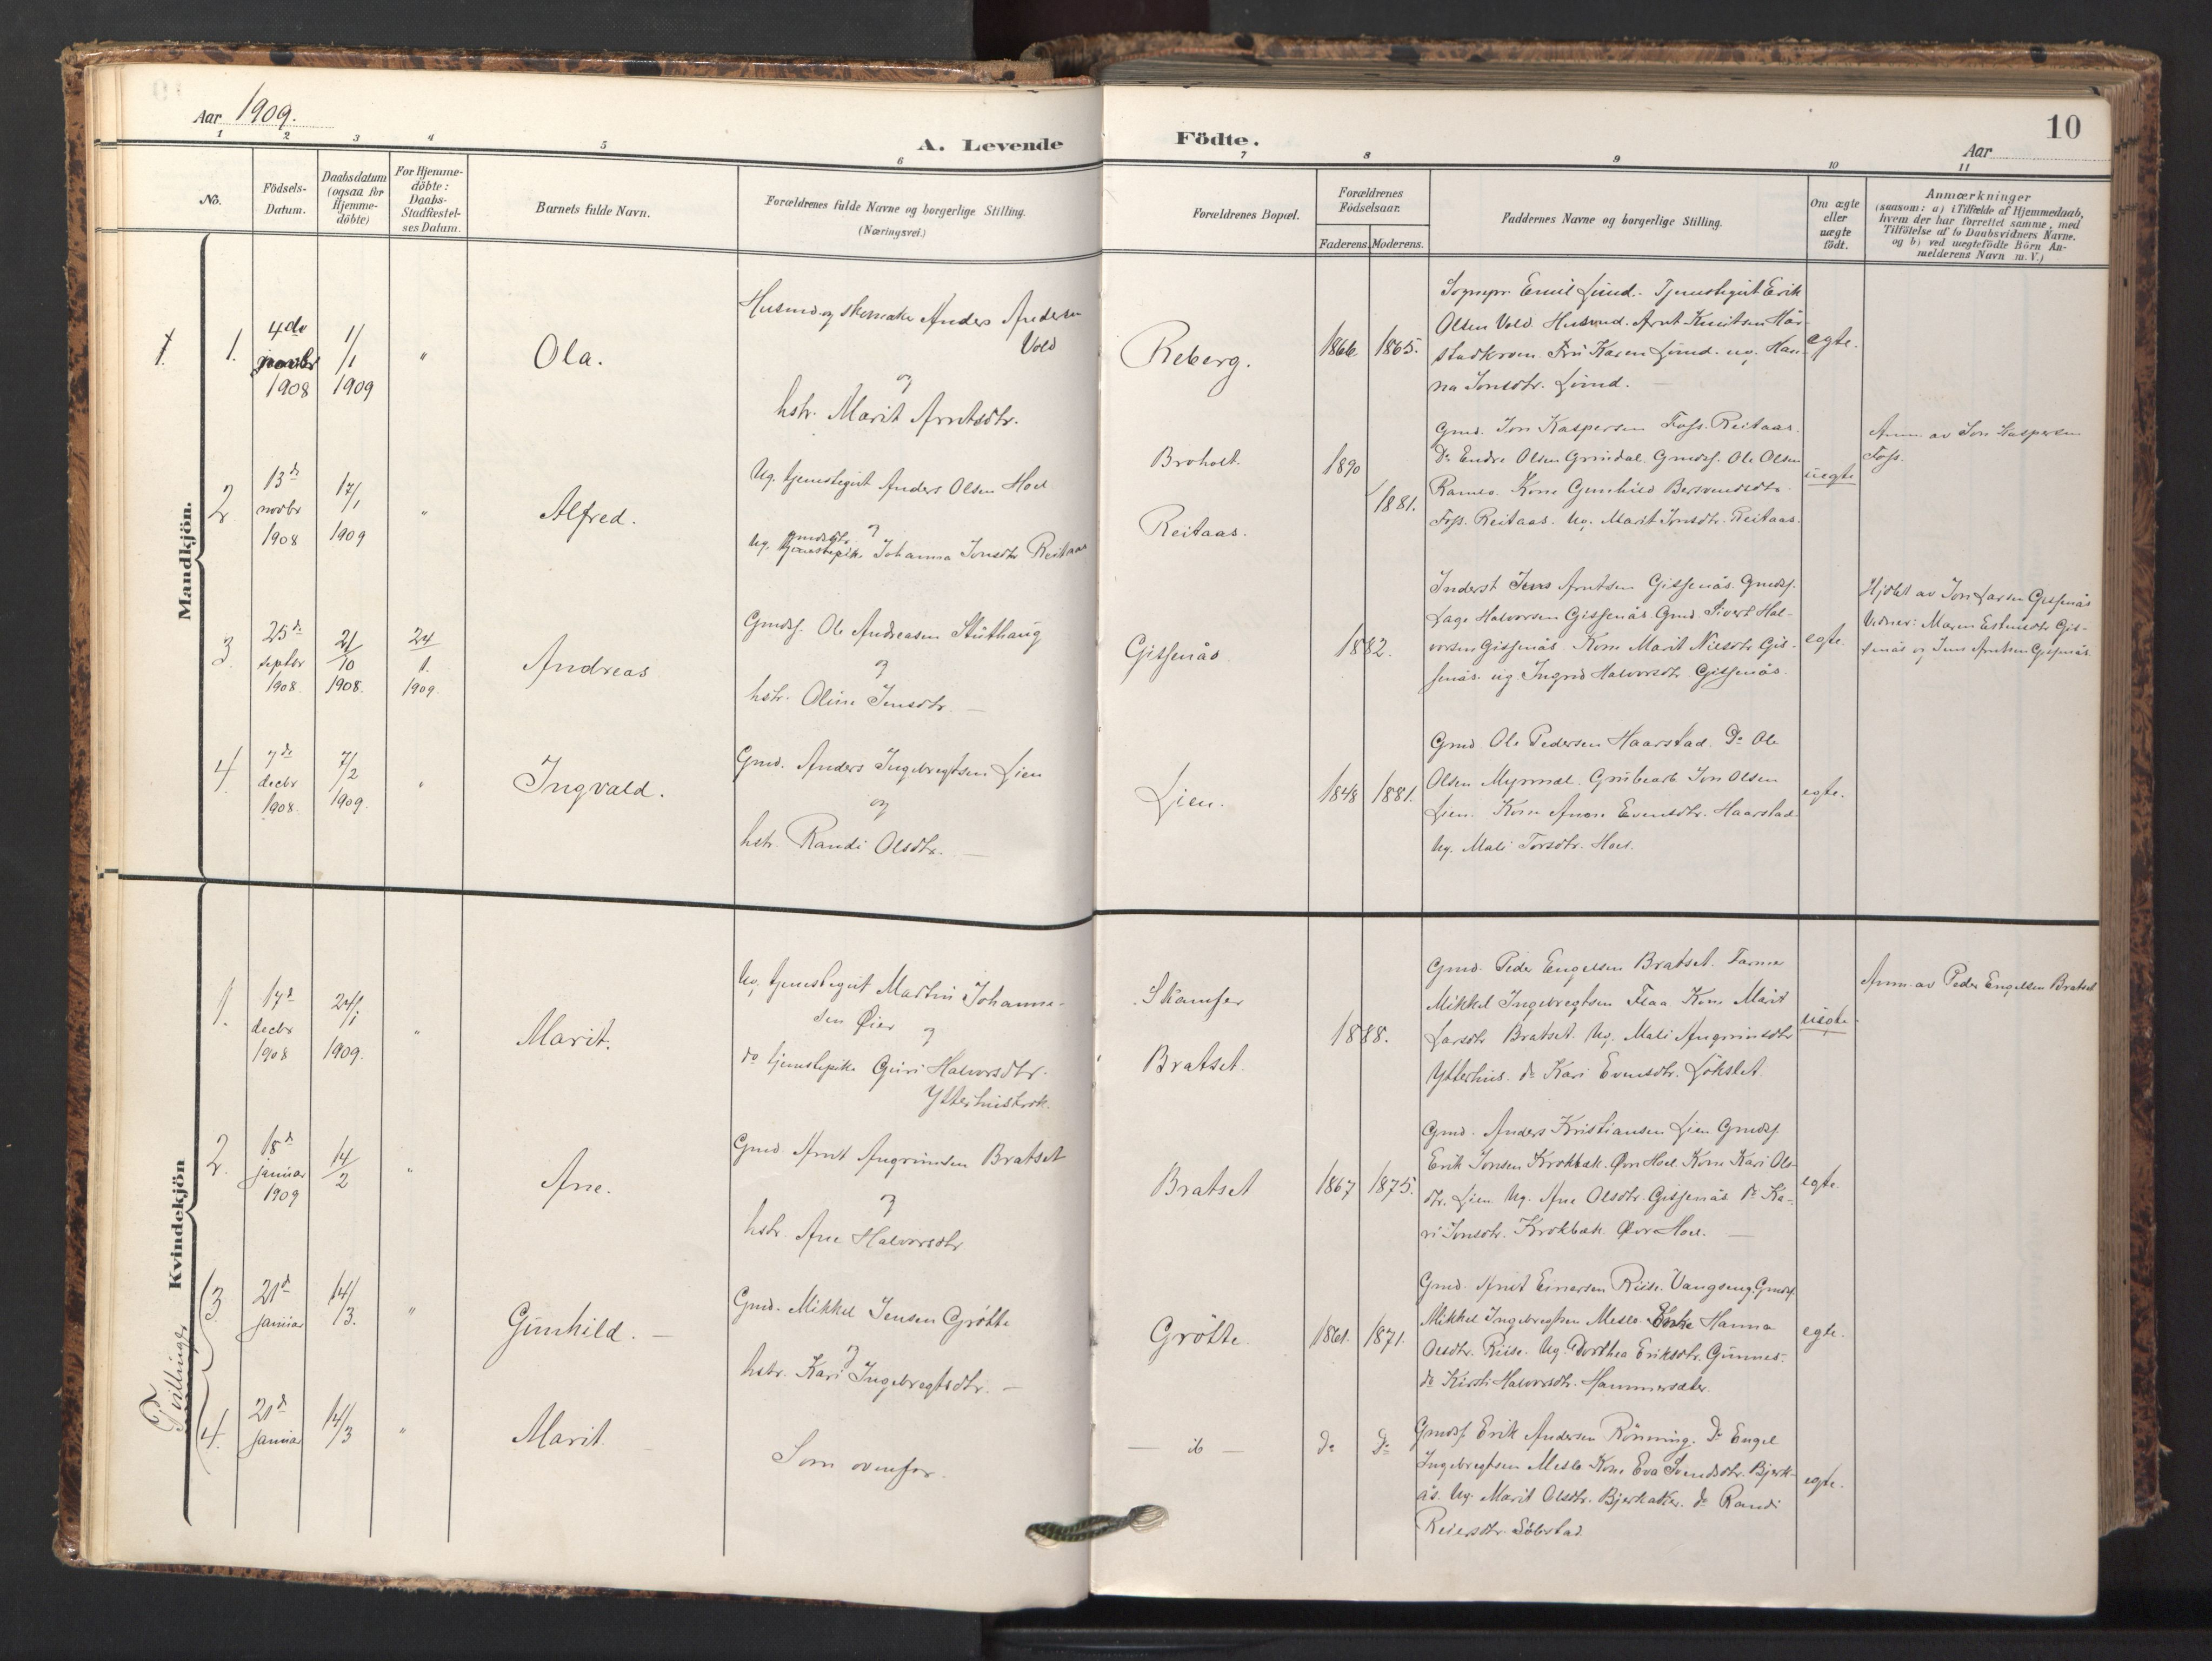 SAT, Ministerialprotokoller, klokkerbøker og fødselsregistre - Sør-Trøndelag, 674/L0873: Ministerialbok nr. 674A05, 1908-1923, s. 10